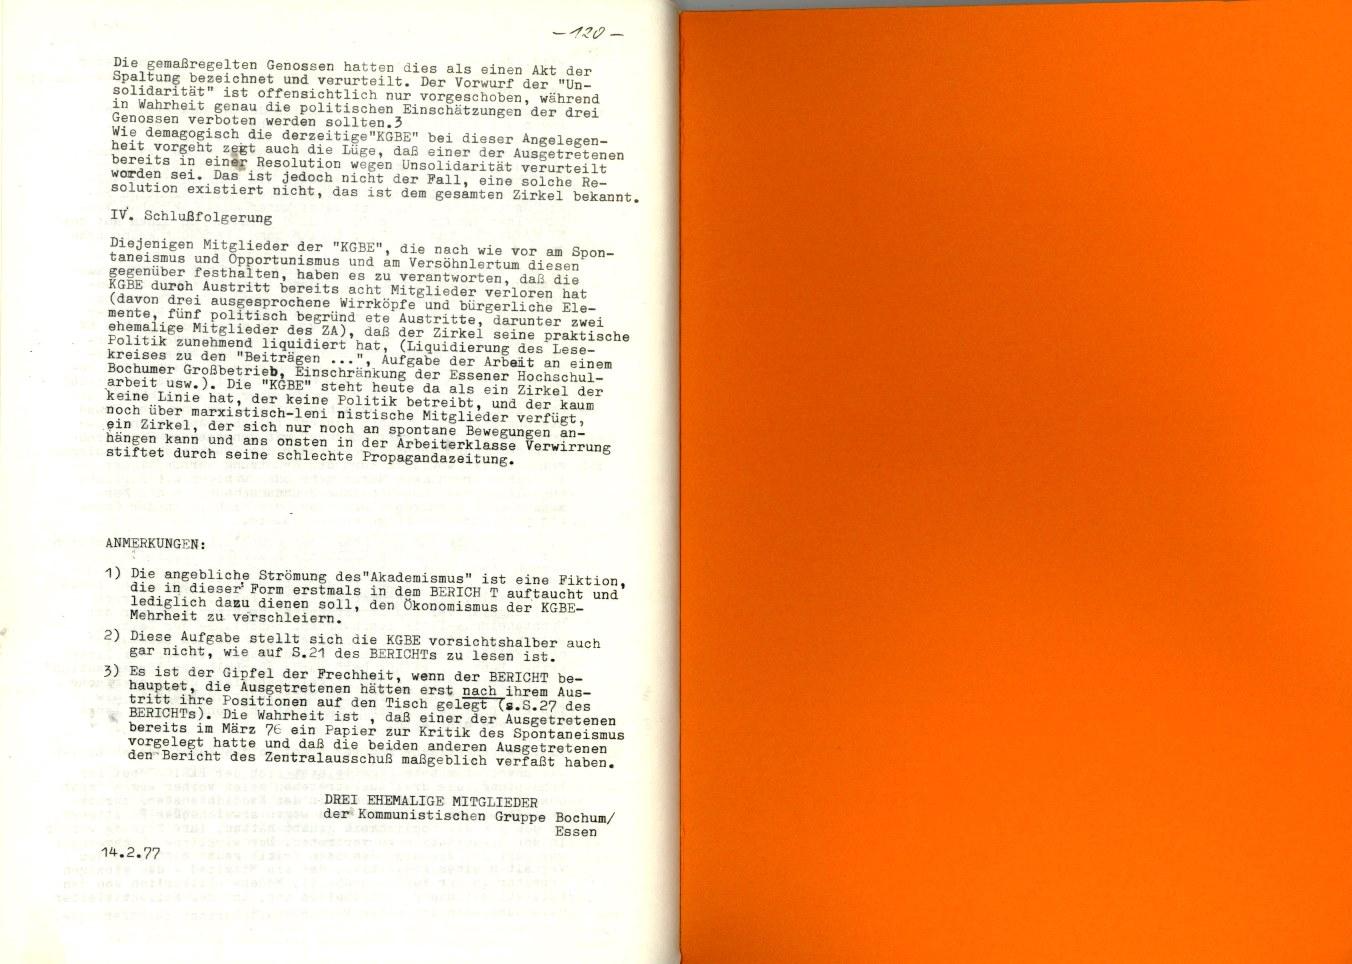 KGBE_Ehemalige_1977_Kritik_an_der_KGBE_64